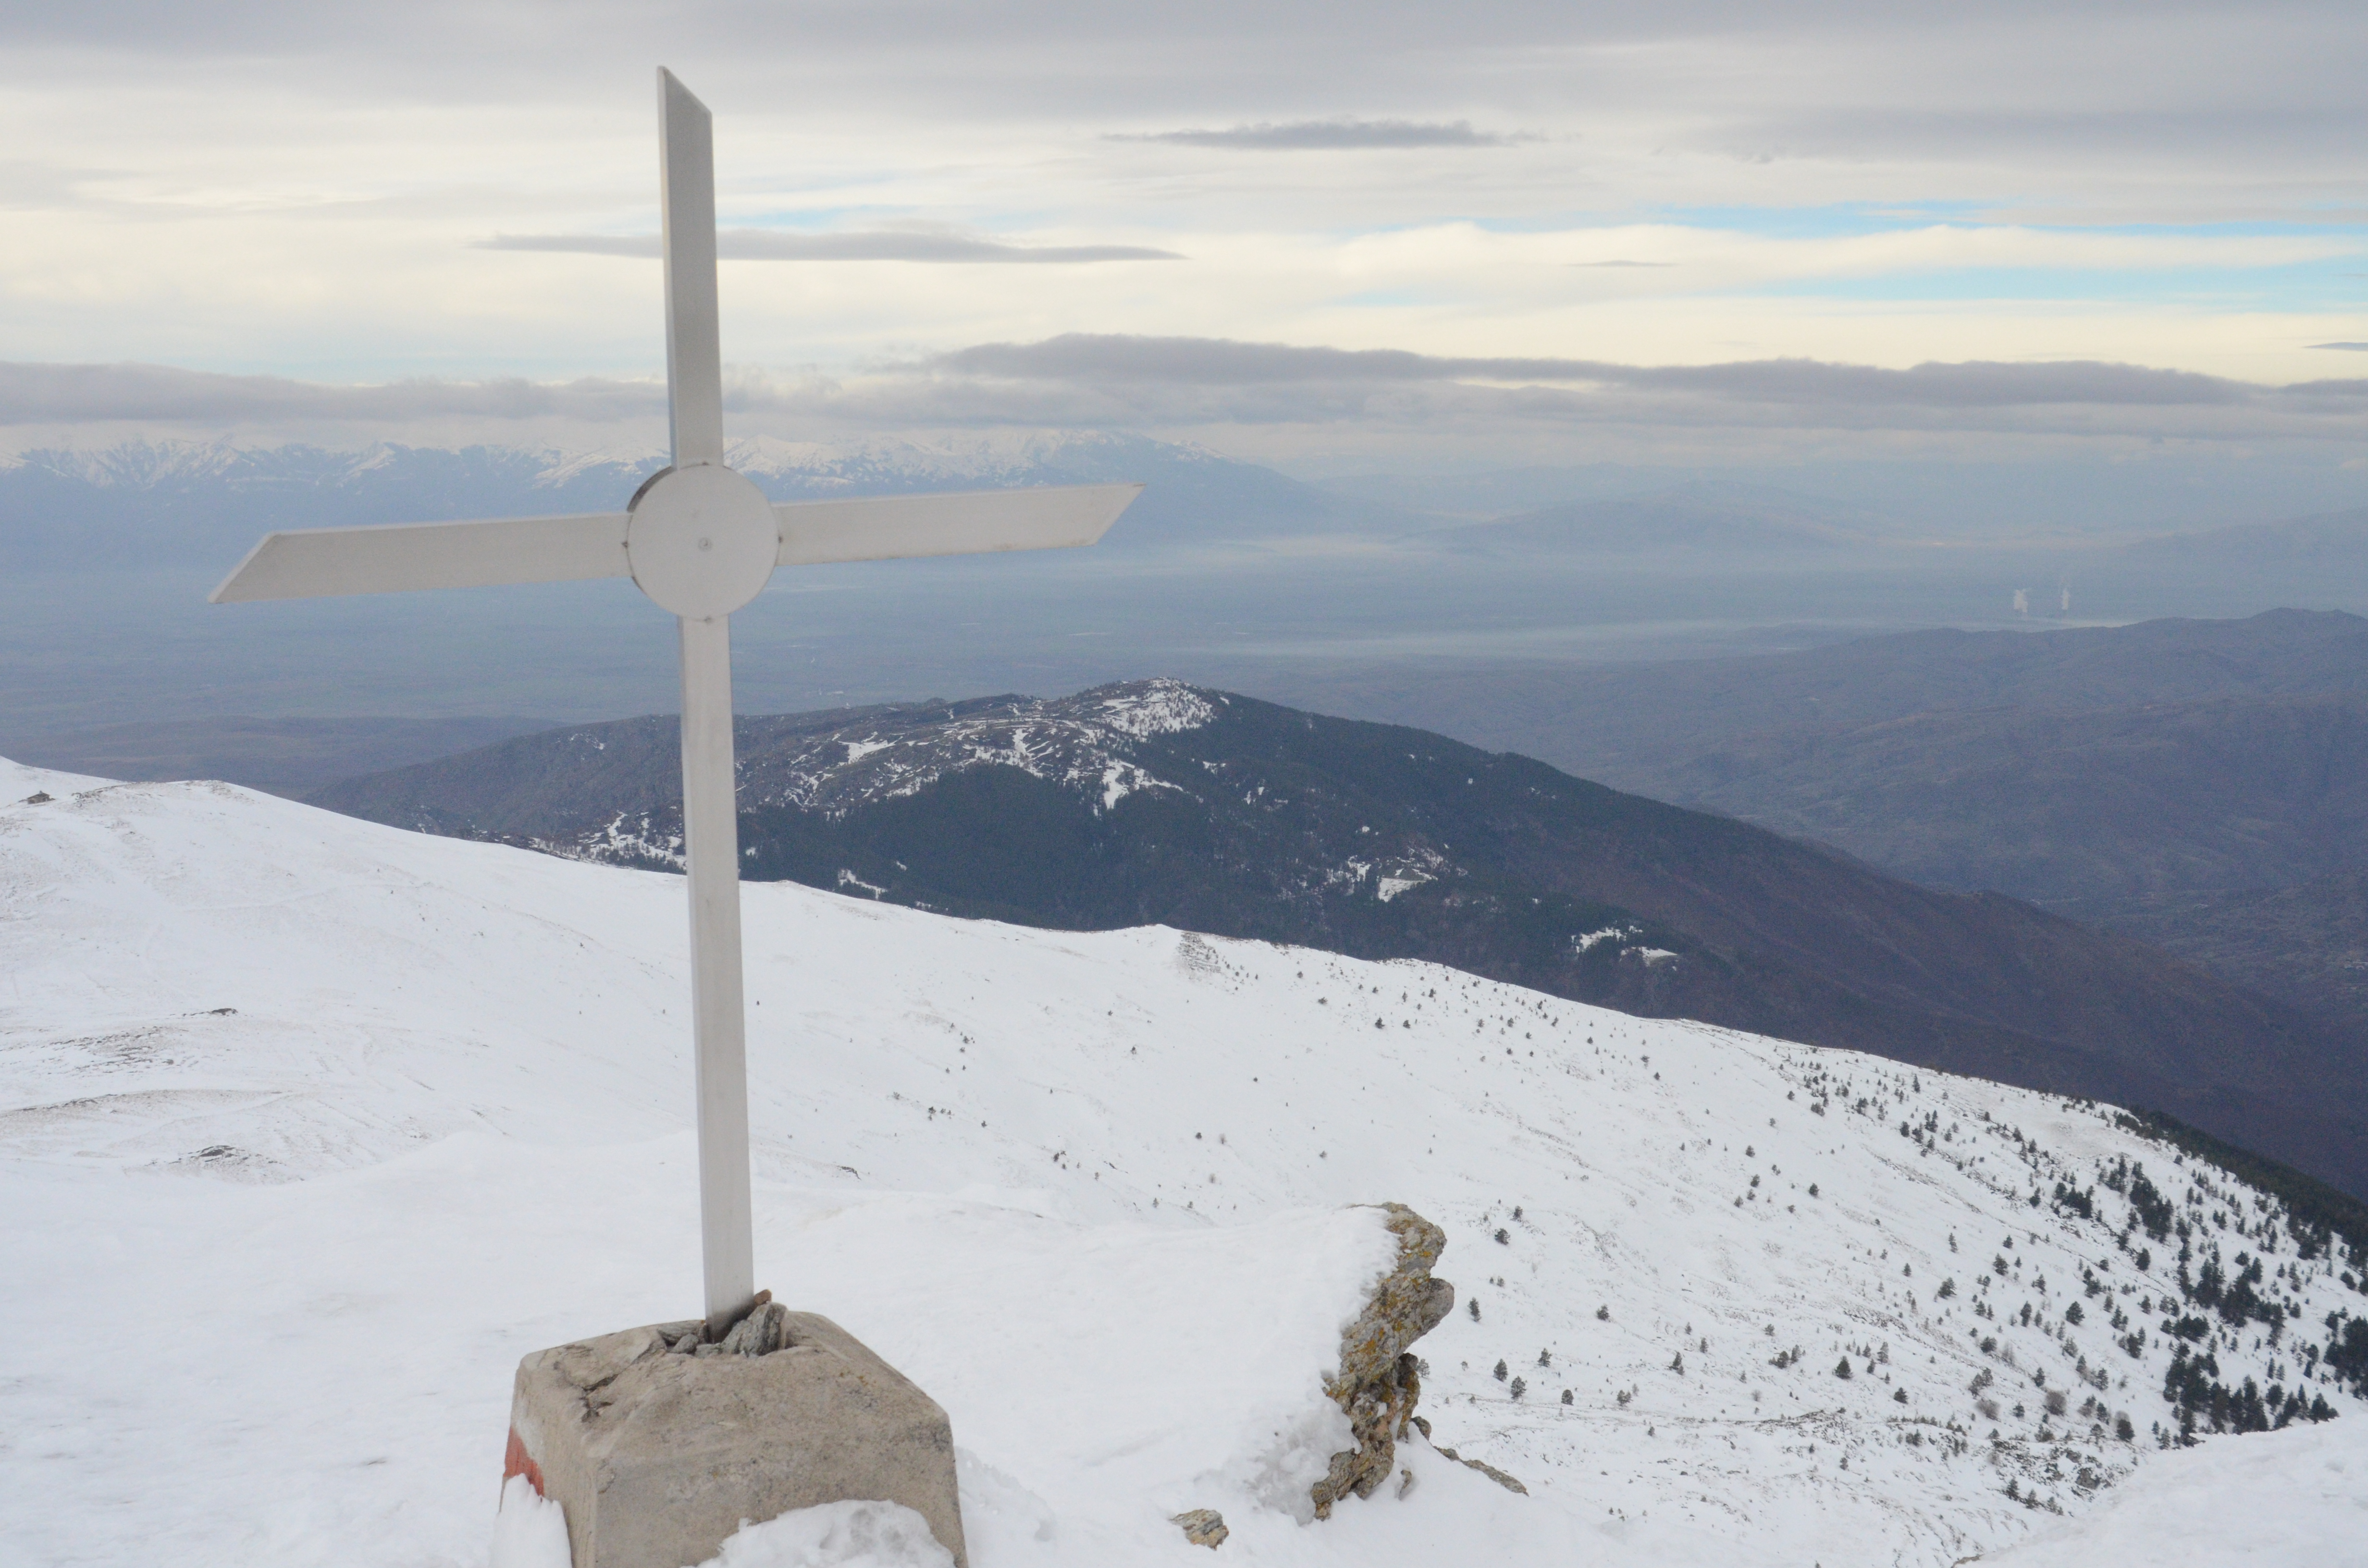 Mt Voras Kaimaktsalan Top